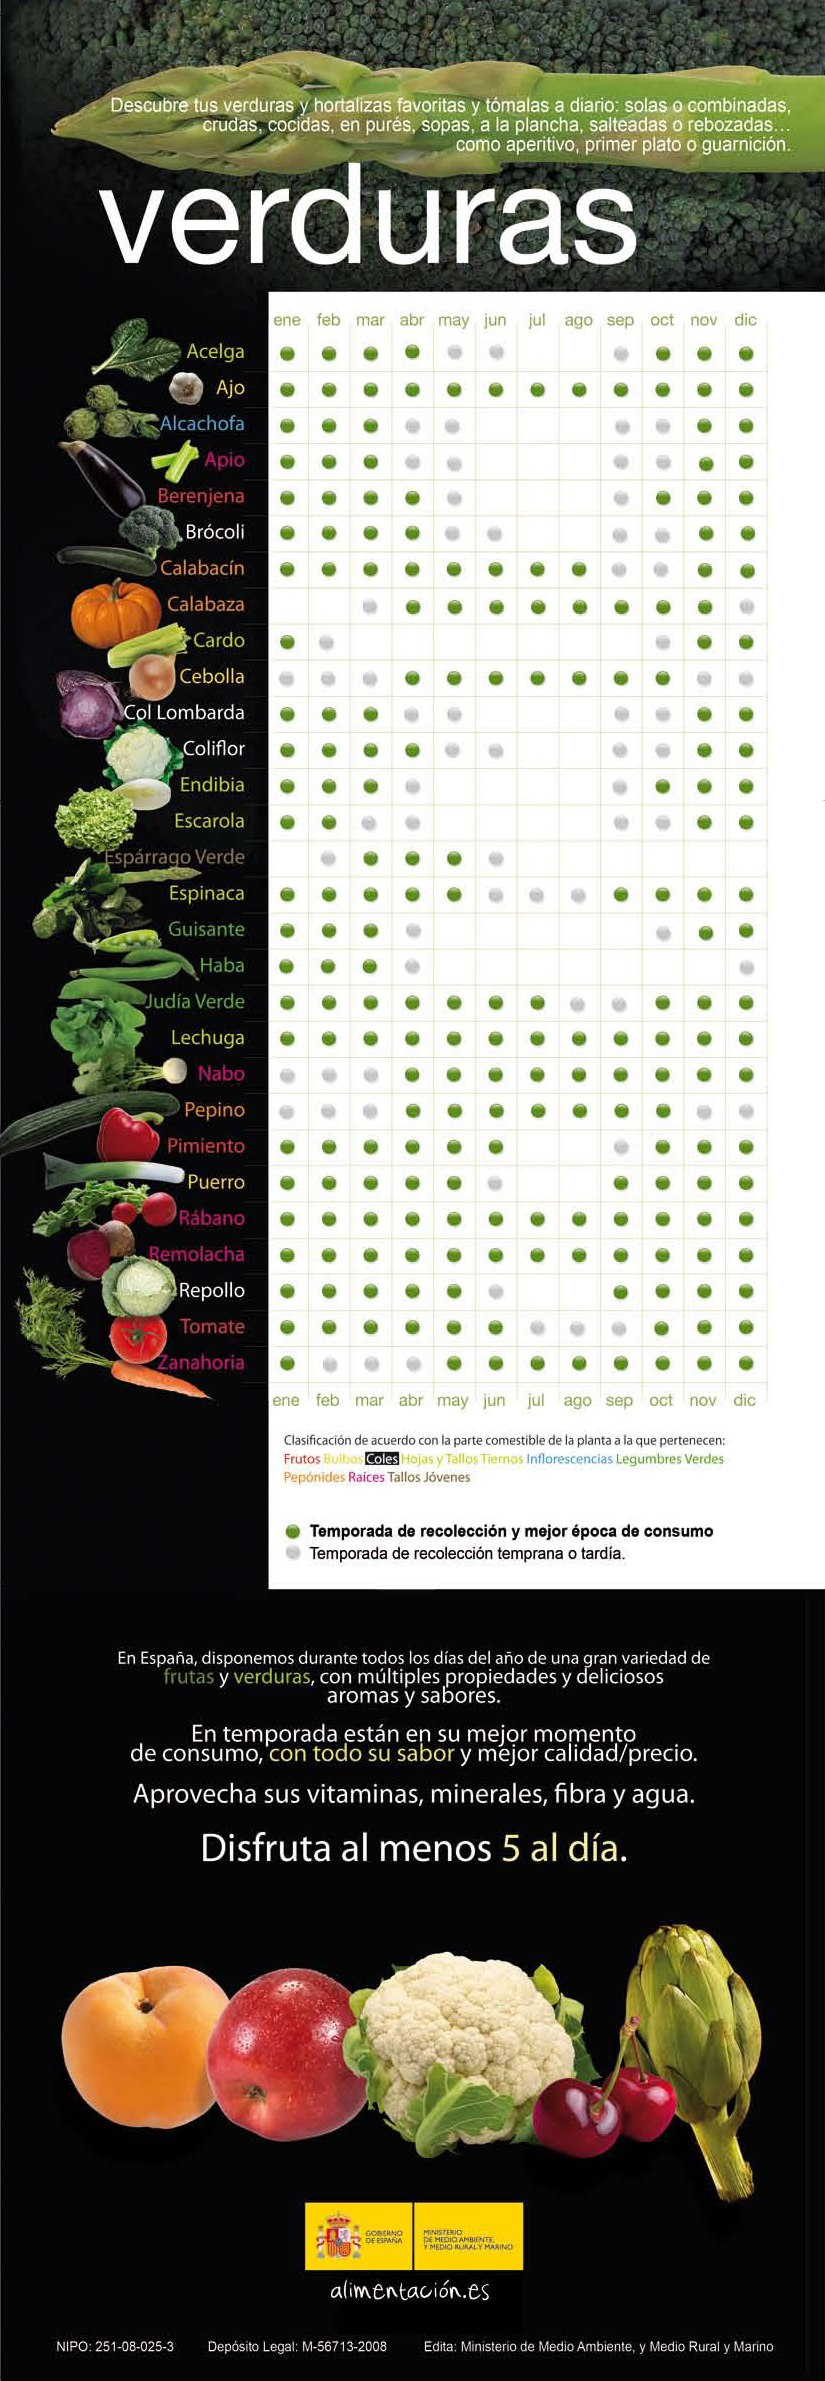 Verduras_de_temporada